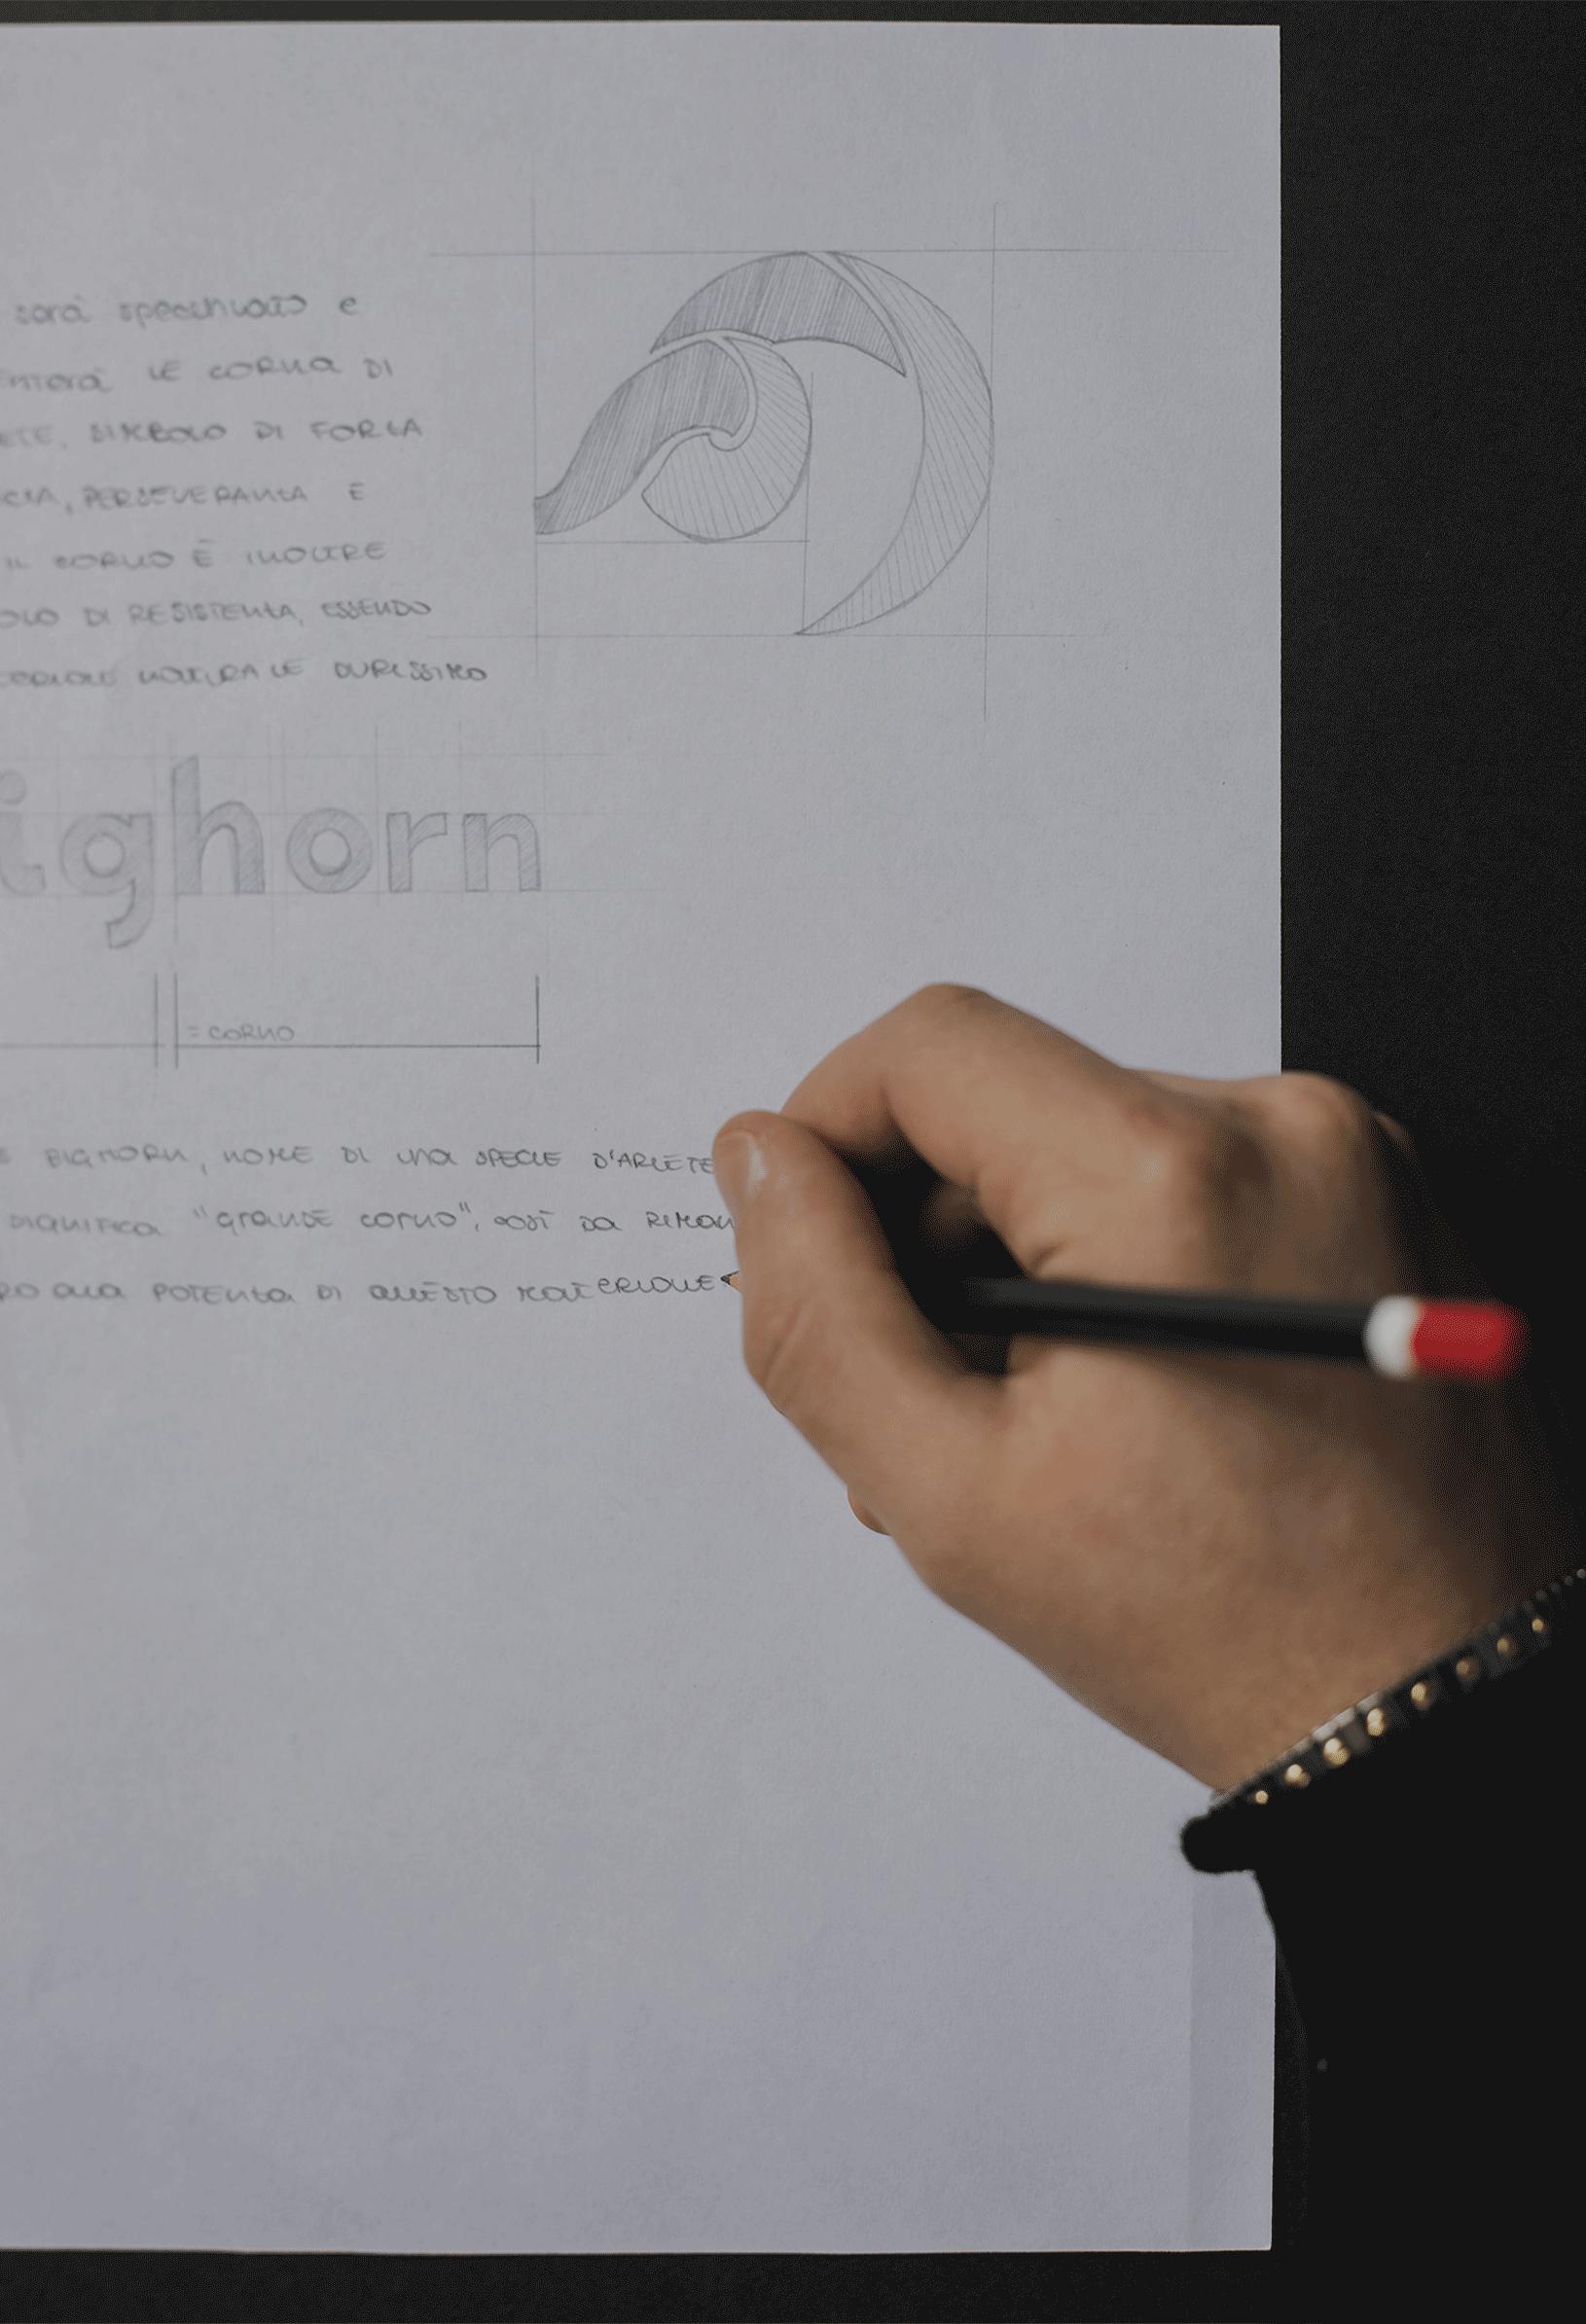 tipografia_tommasi_progettazione